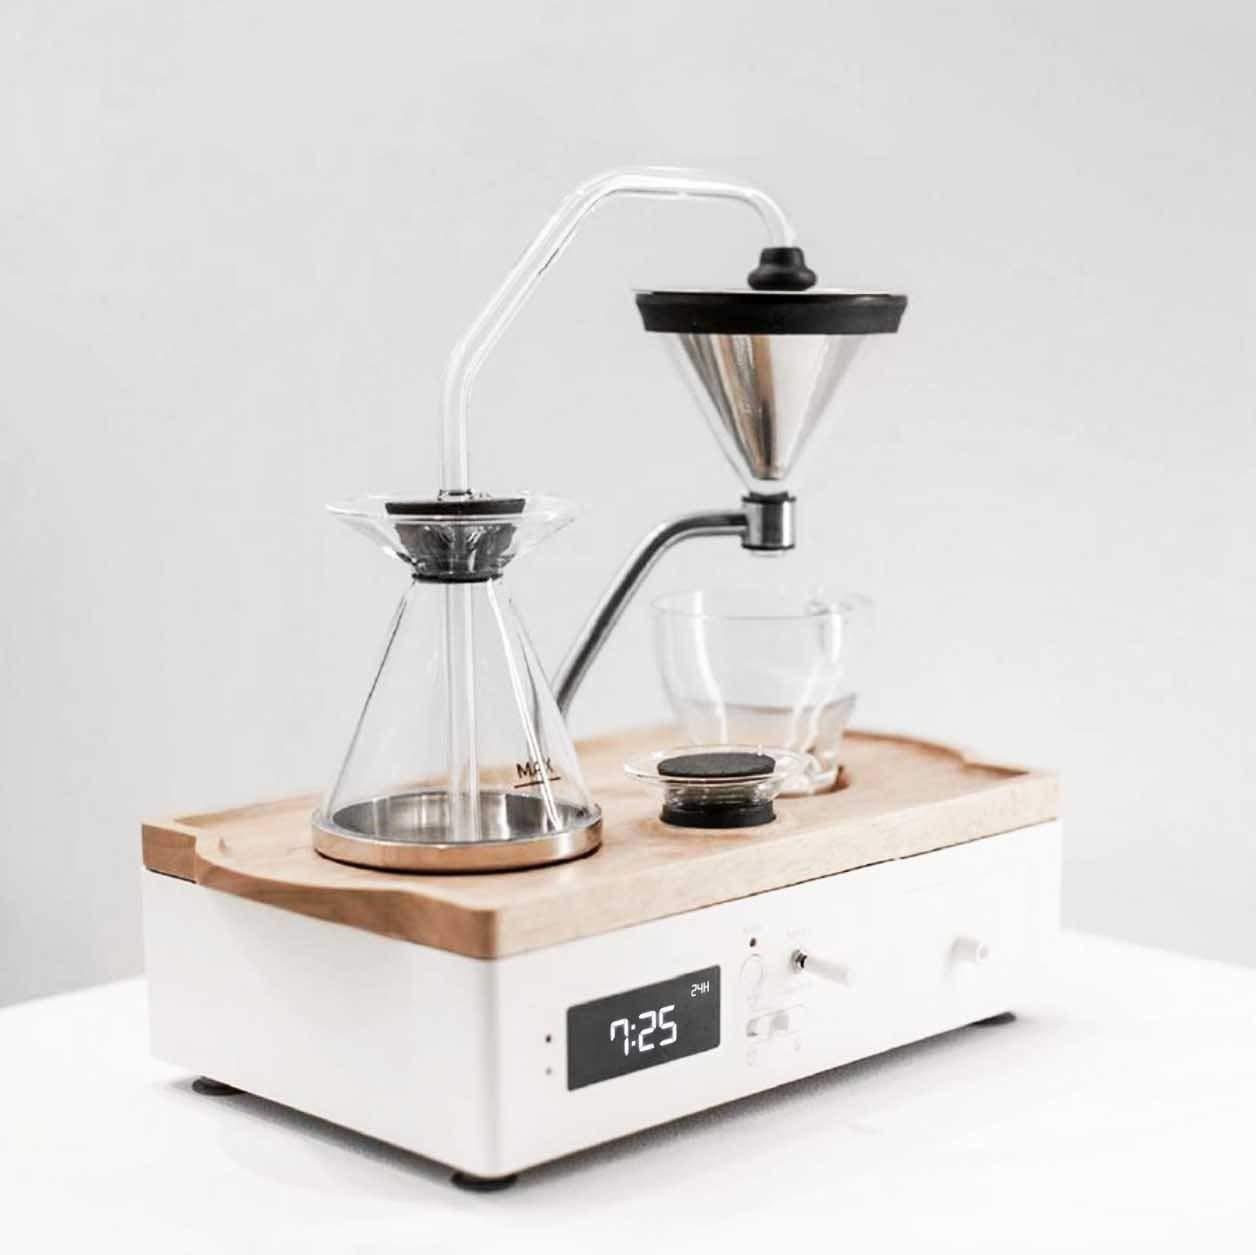 سيقوم Barisieur بإعداد القهوة وإيقاظك بمنبه منبه بجانب السرير وآلة صنع القهوة الأوتوماتيكية